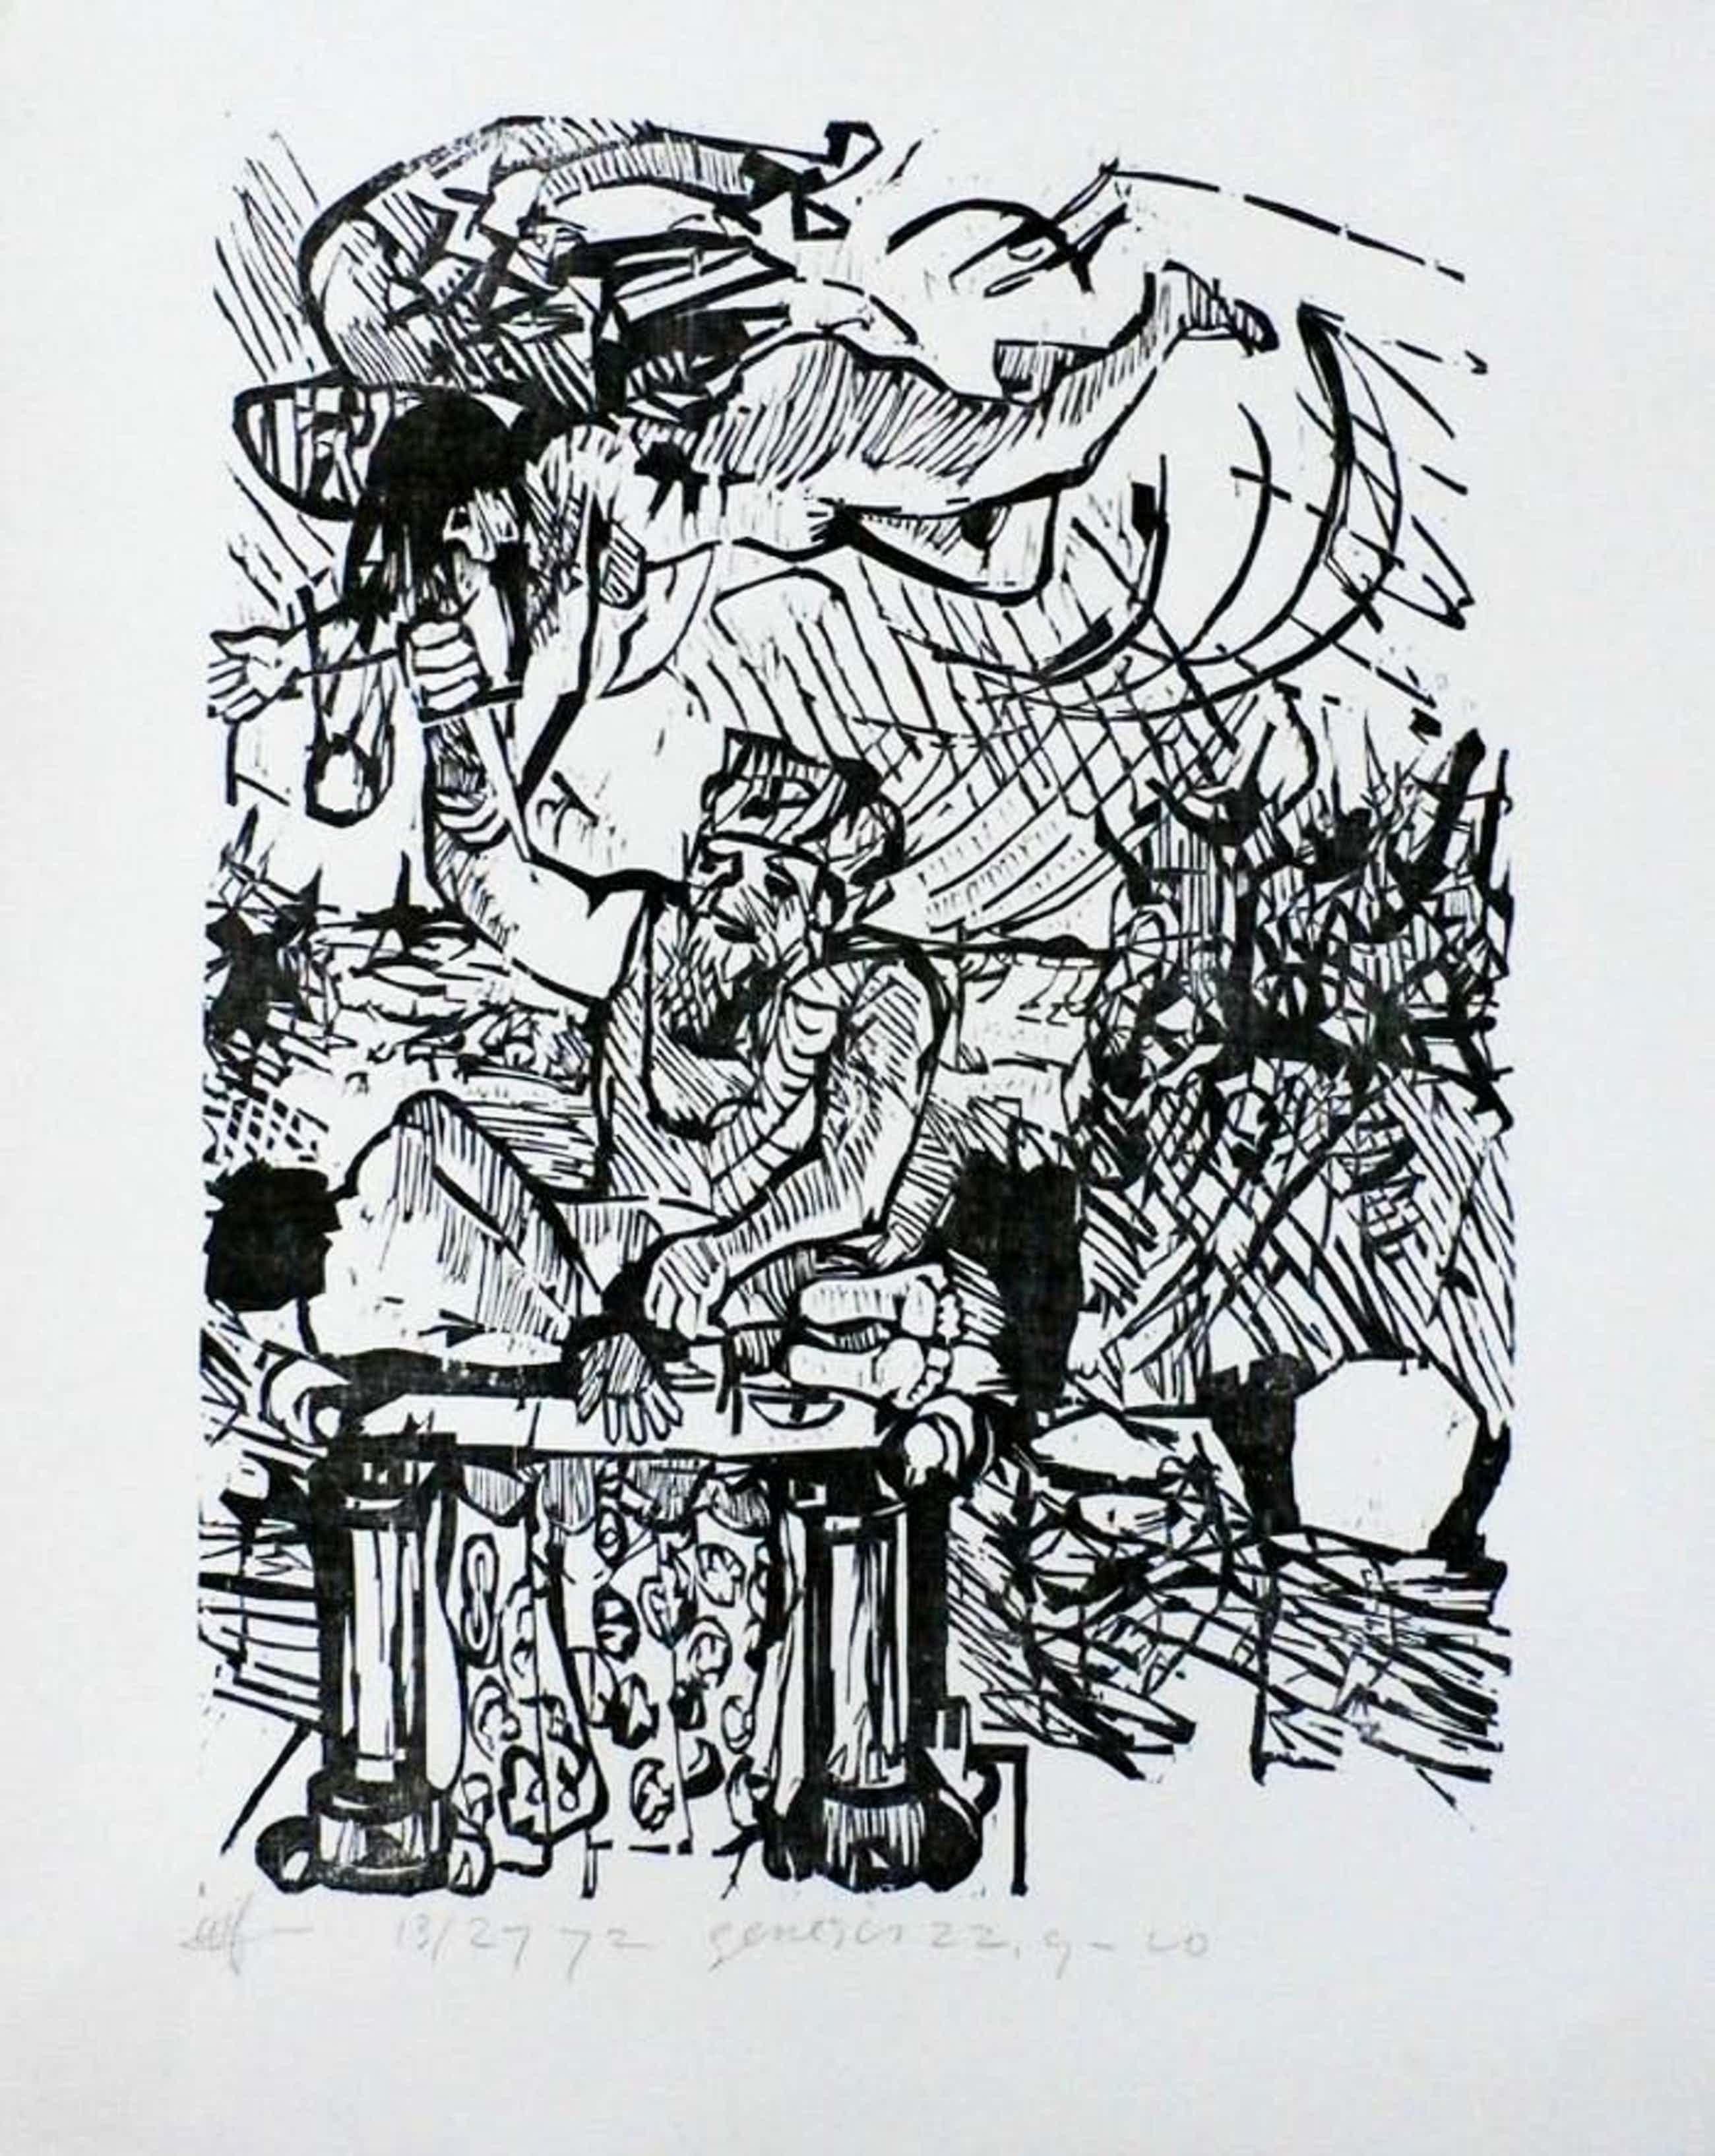 Grafisch Gezelschap de Luis - Litho: Genesis - 1972 kopen? Bied vanaf 45!